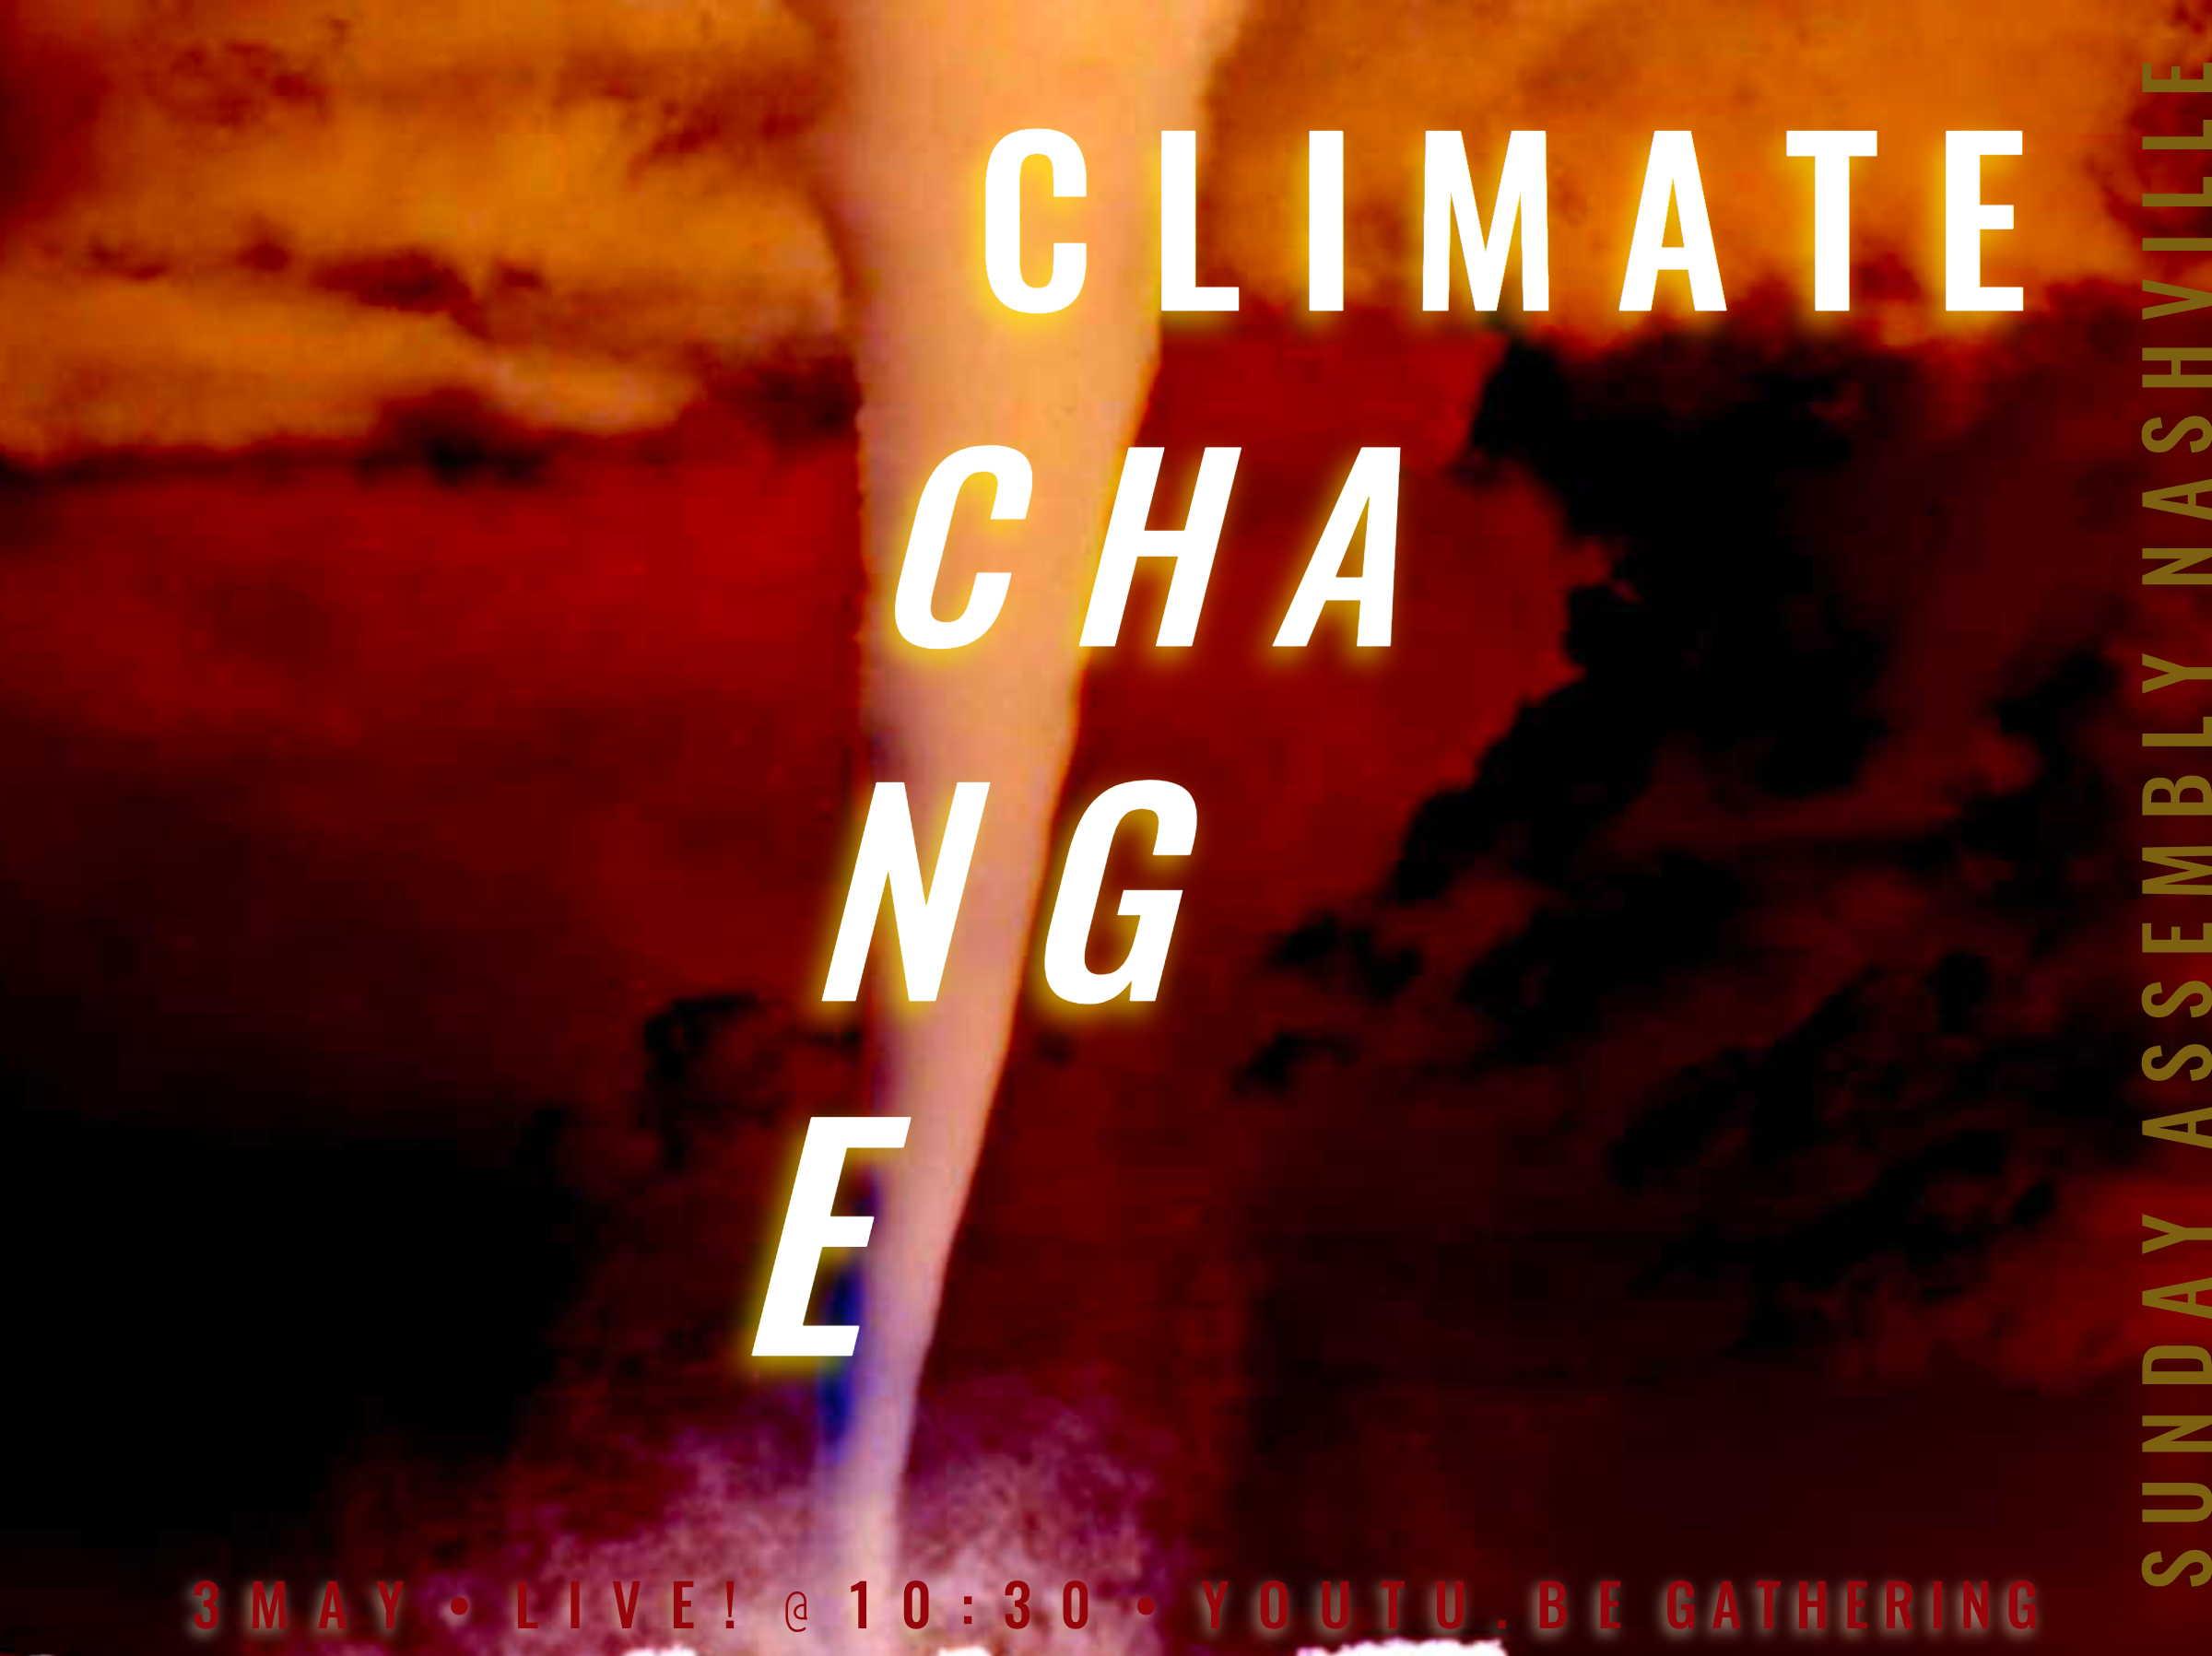 3 may 2020 Sunday Assembly Nashville ~ Climate Change